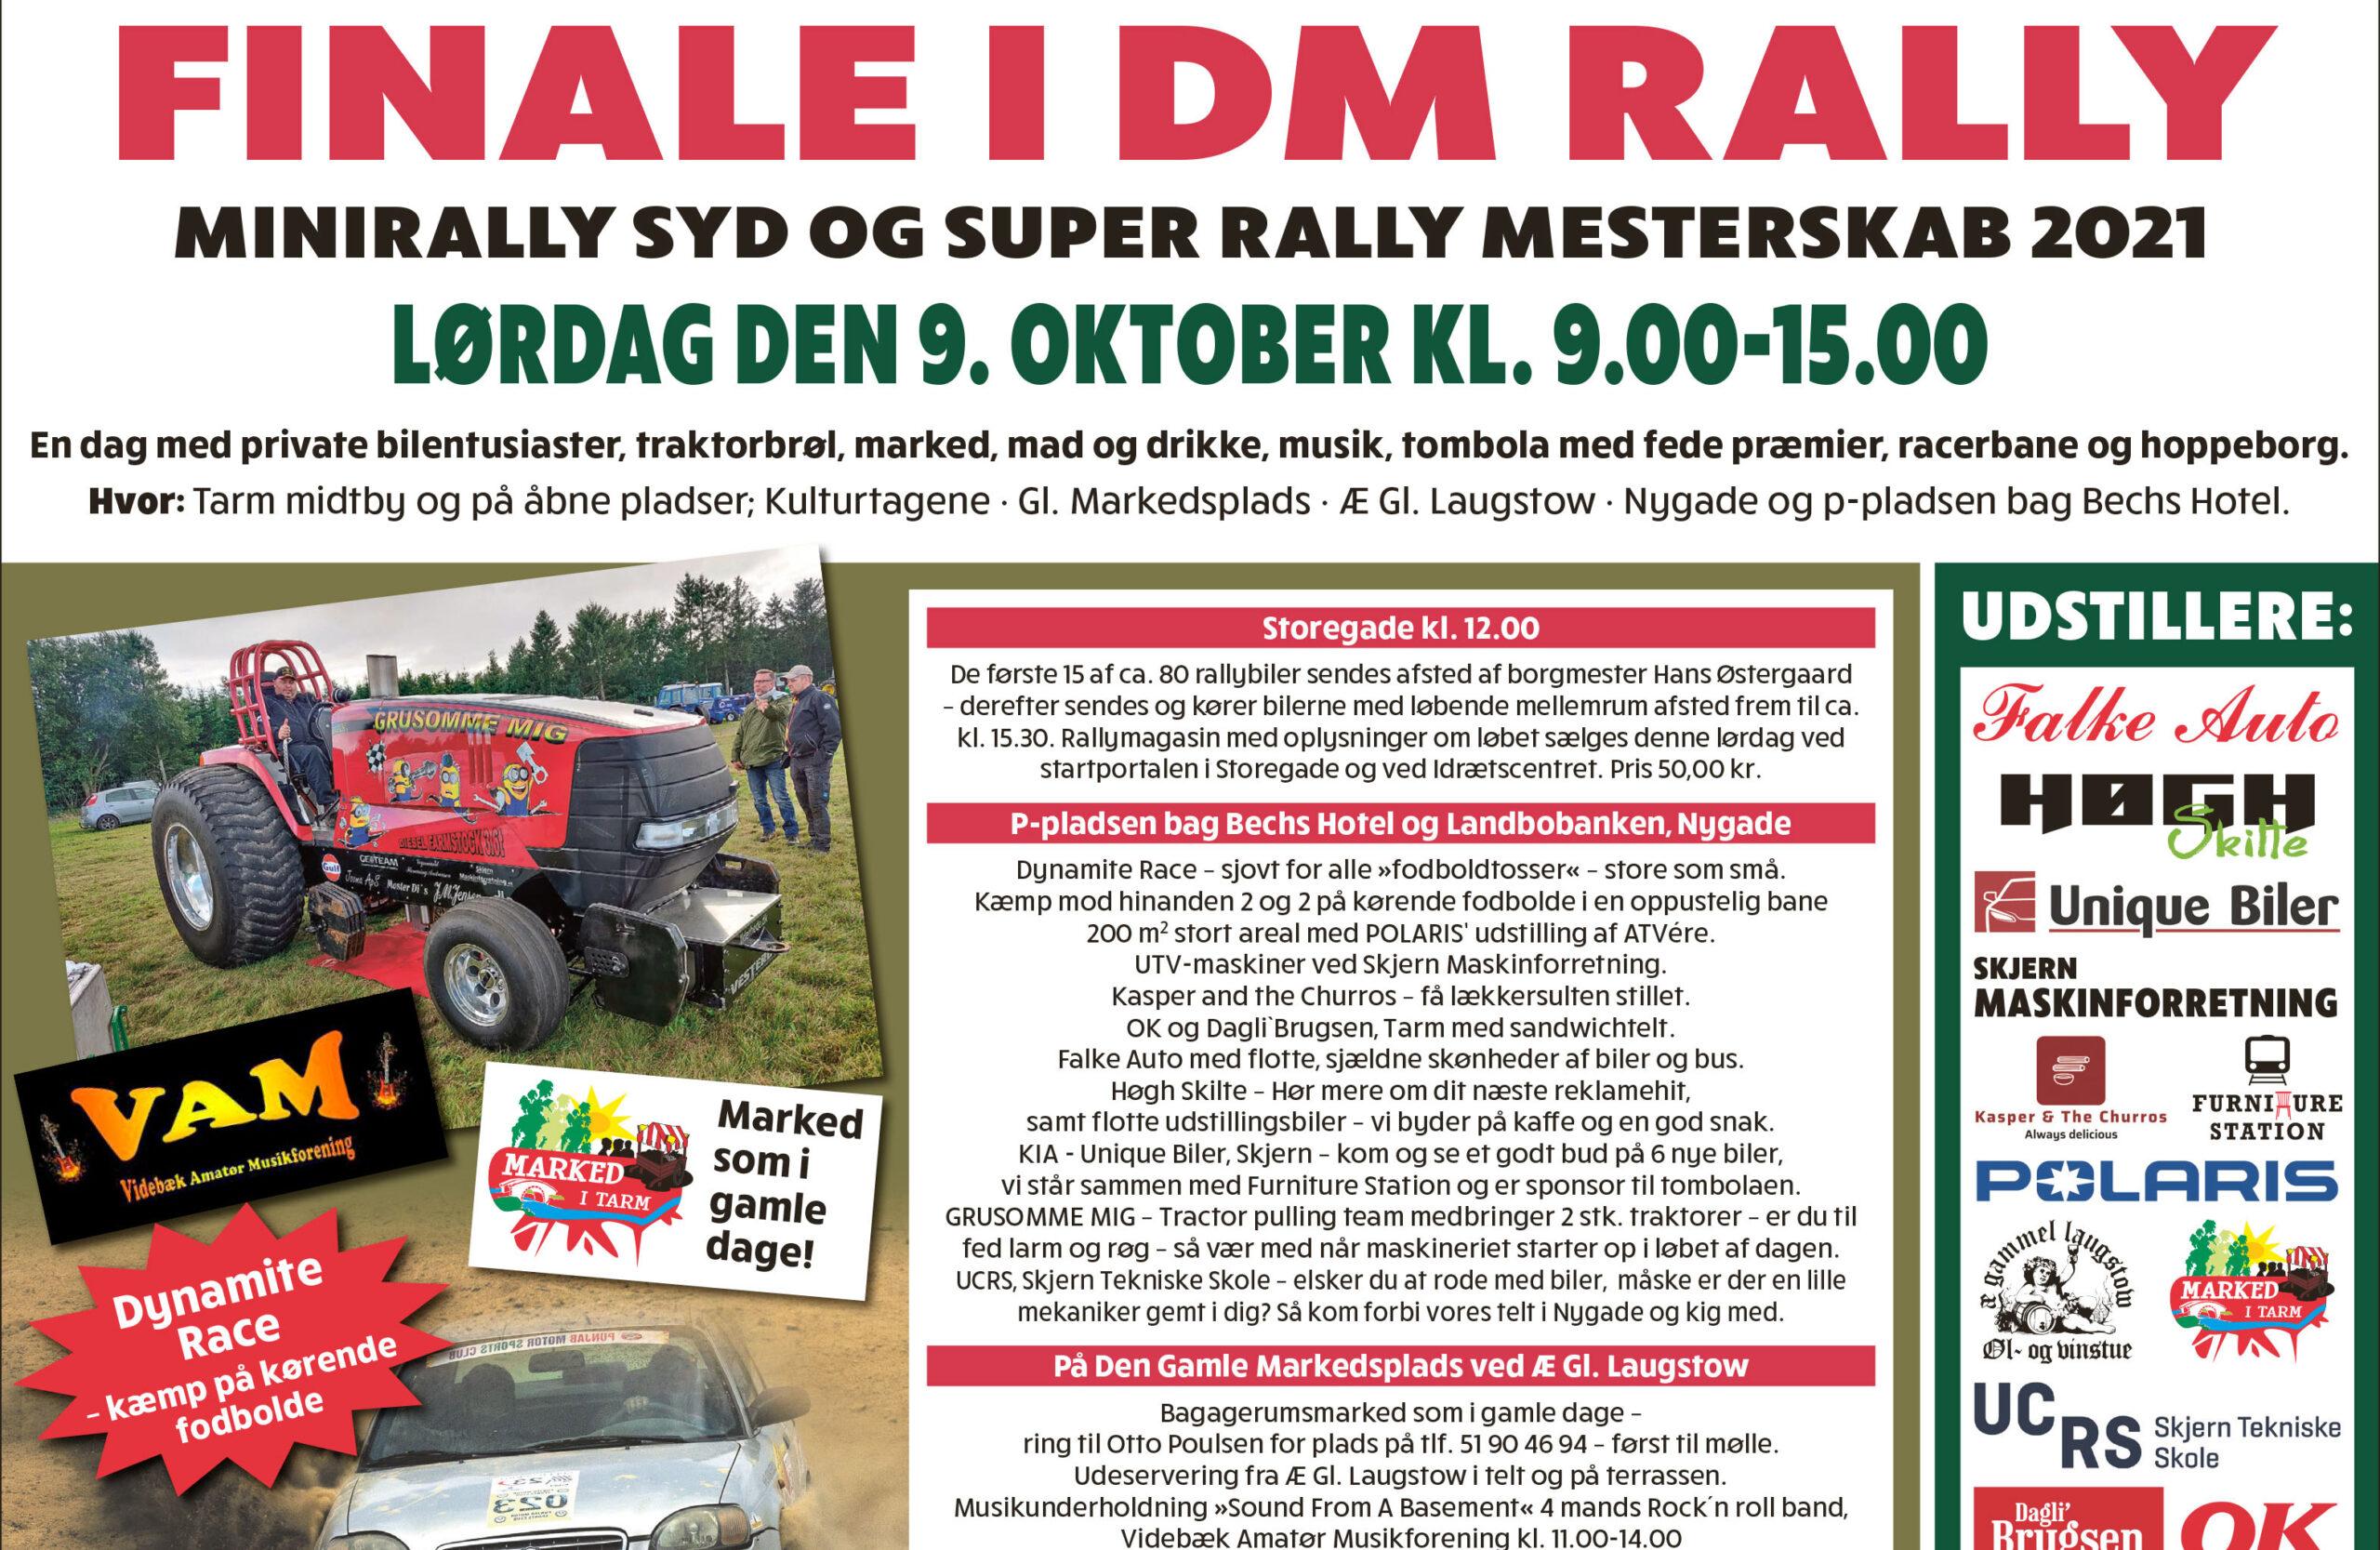 DM Rally og marked